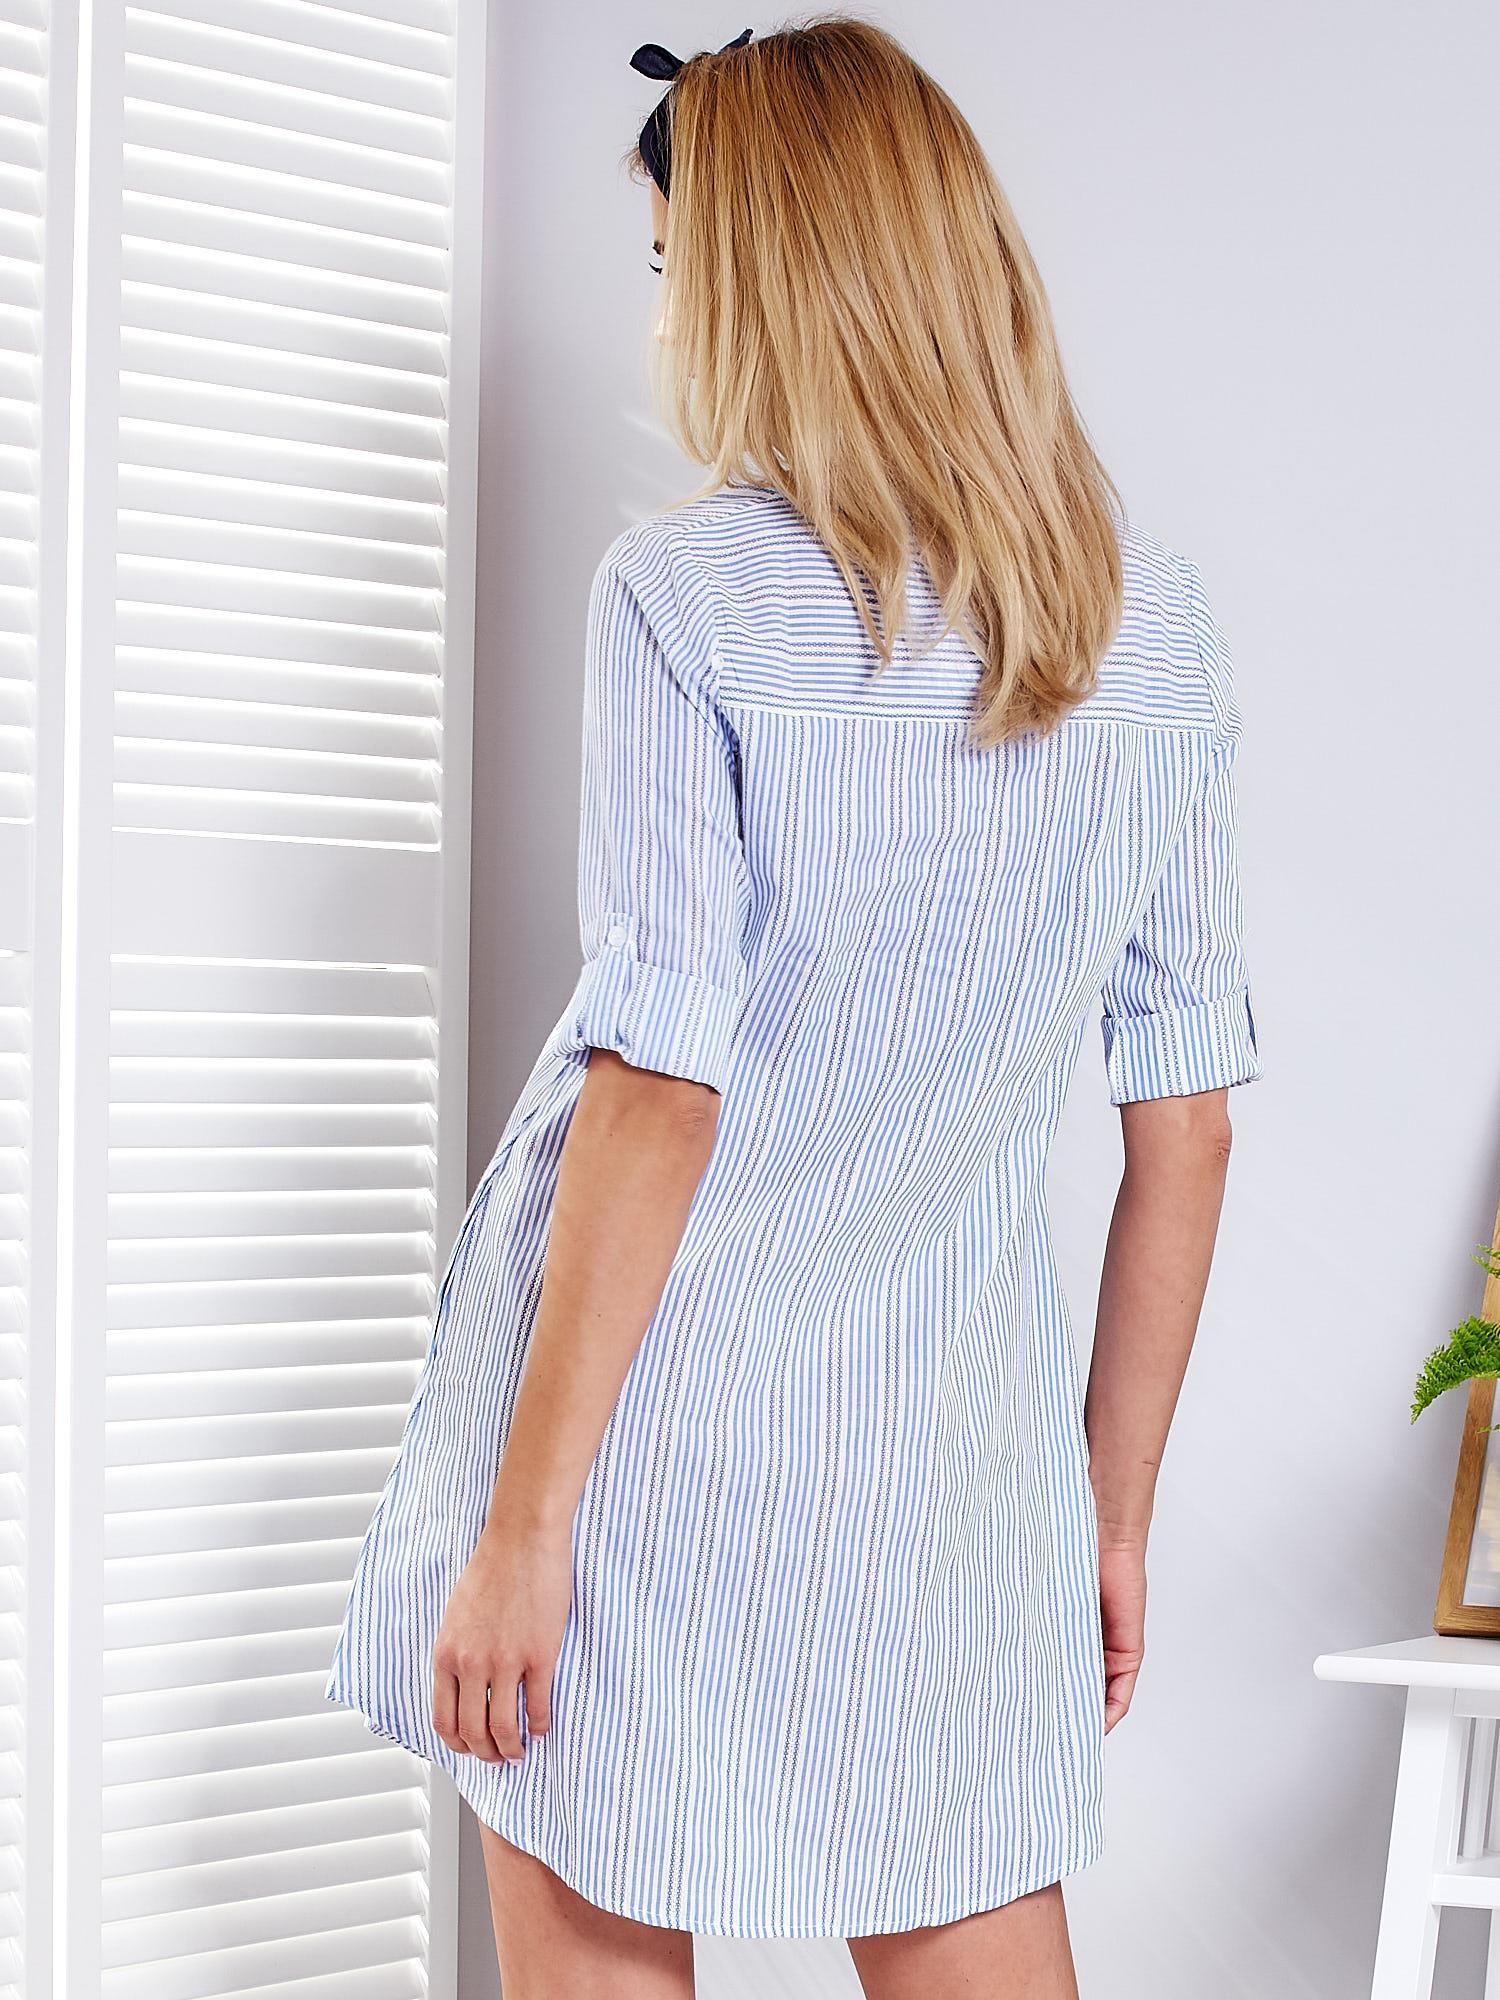 2950bd1c0a5561 Niebieska sukienka w paski z podwijanymi rękawami - Sukienka ...